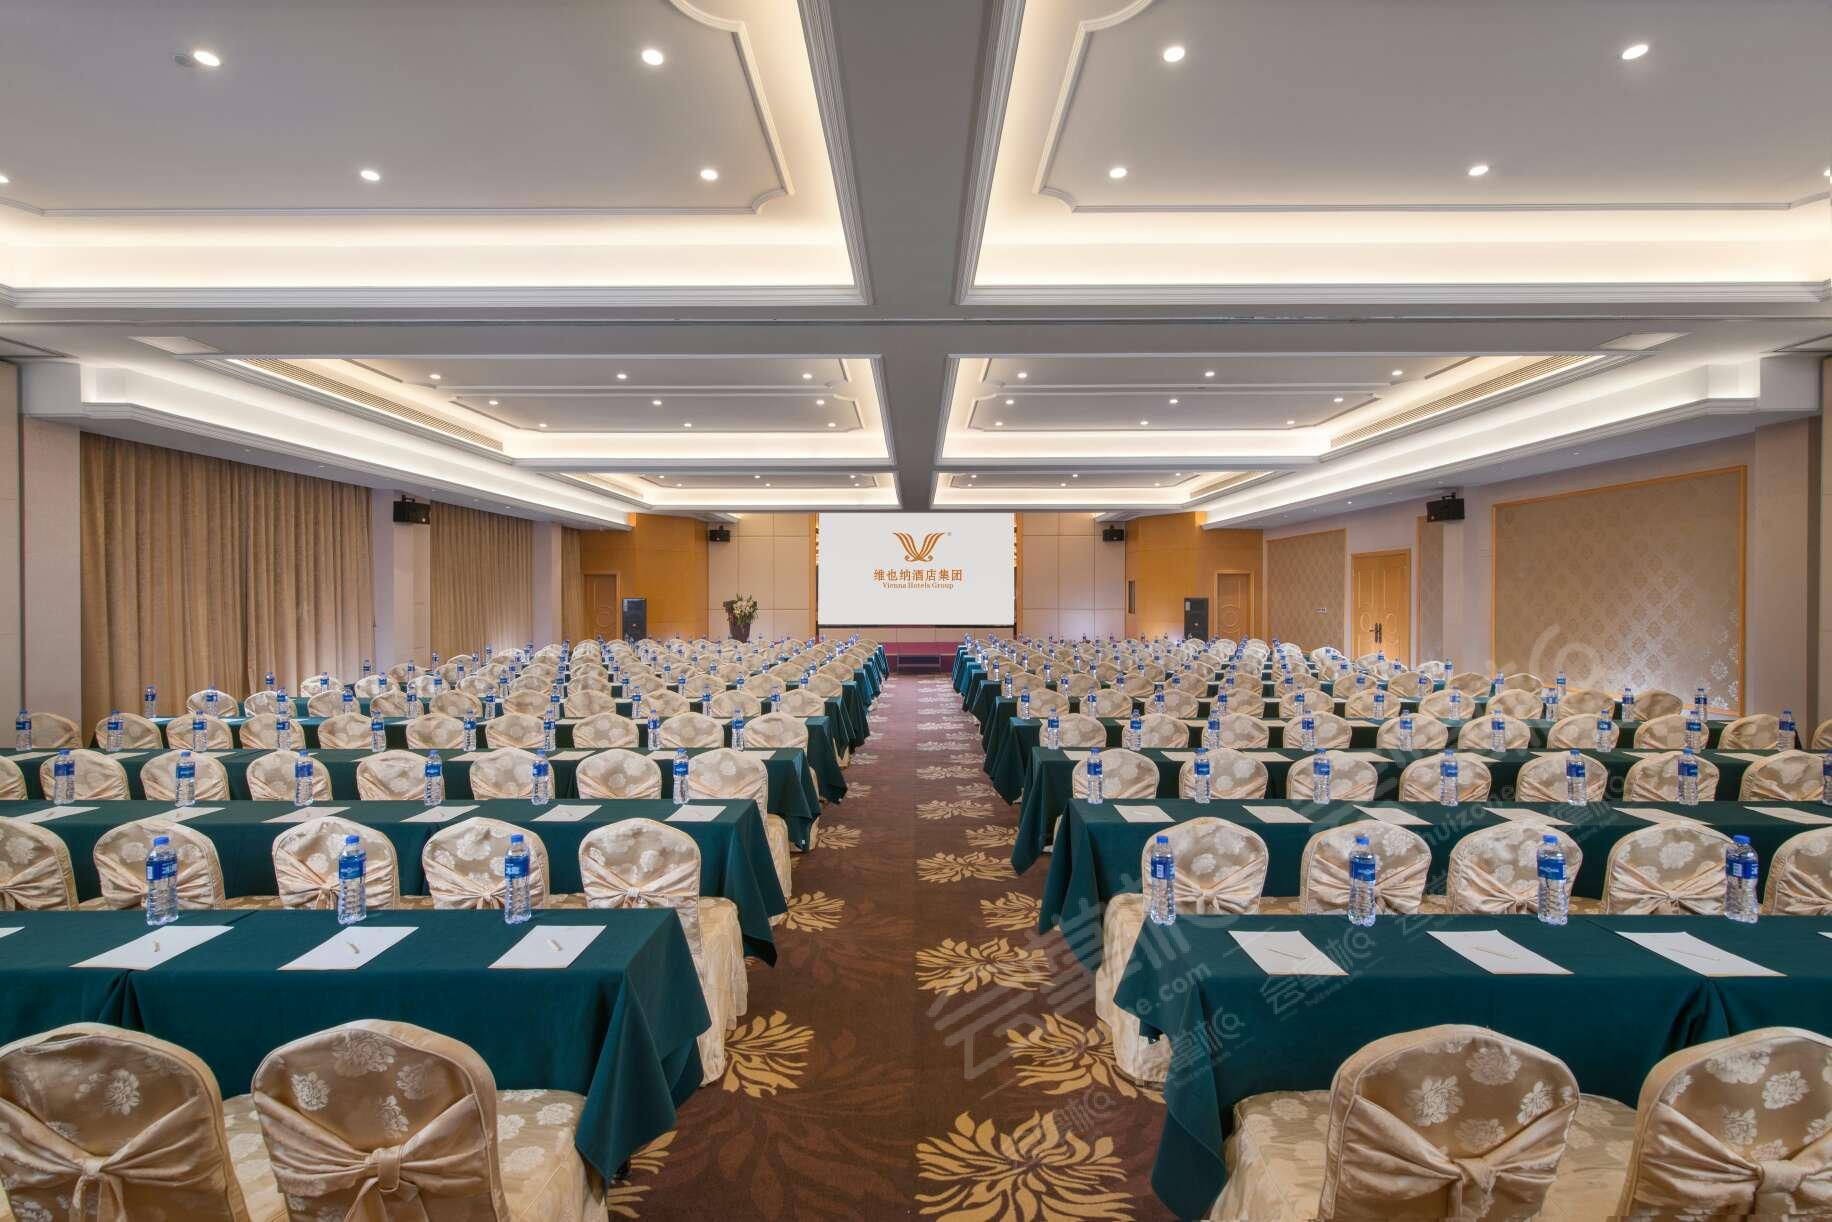 杭州发布会场地预订 杭州会议场地 杭州发布会场地